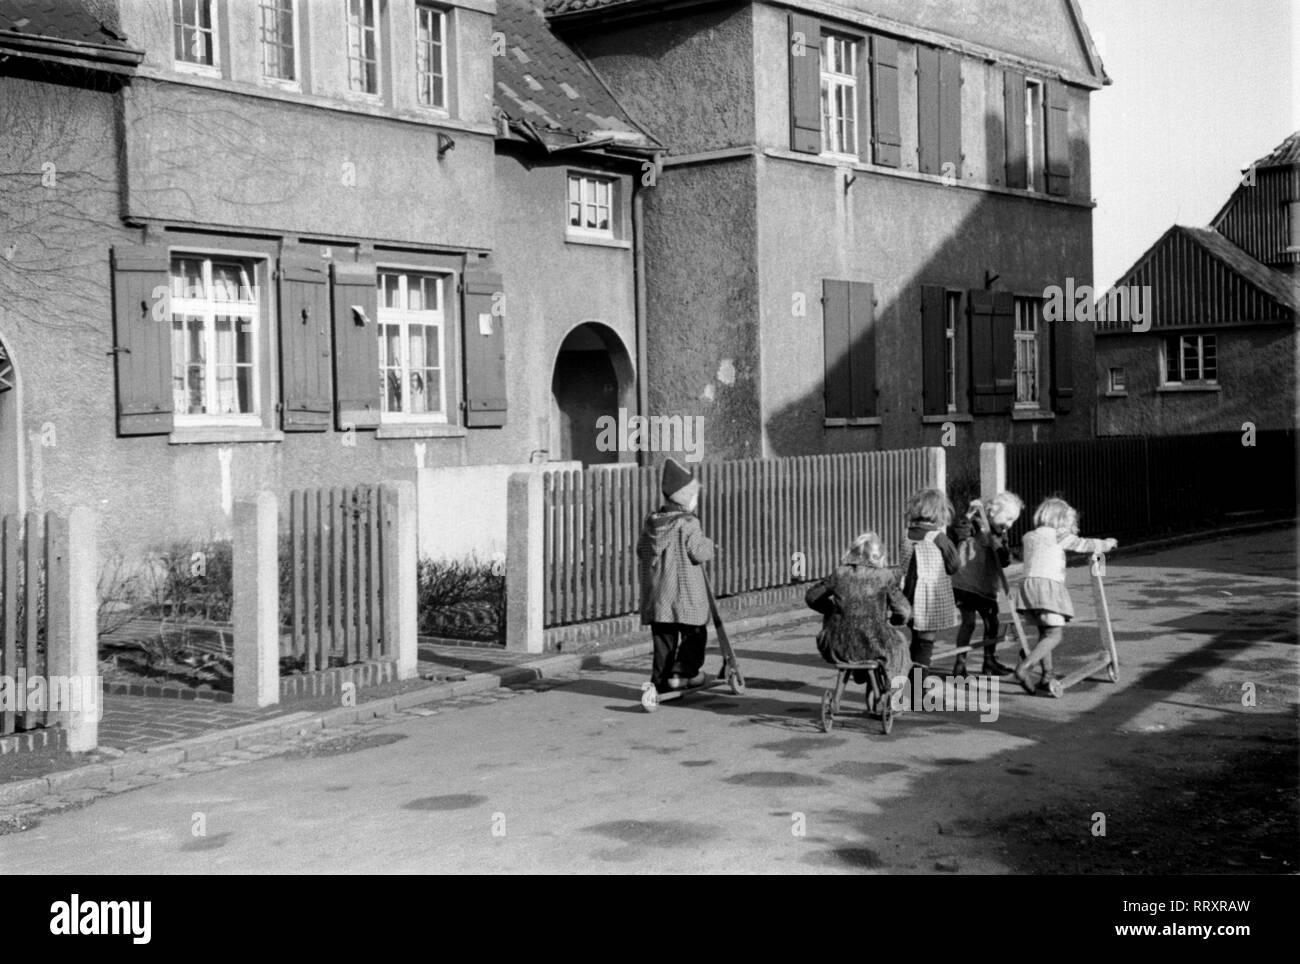 Germany - Deutschland ca. 1950, Ruhrgebiet, Bergarbeitersiedlung, Kinder auf der Strasse - Stock Image